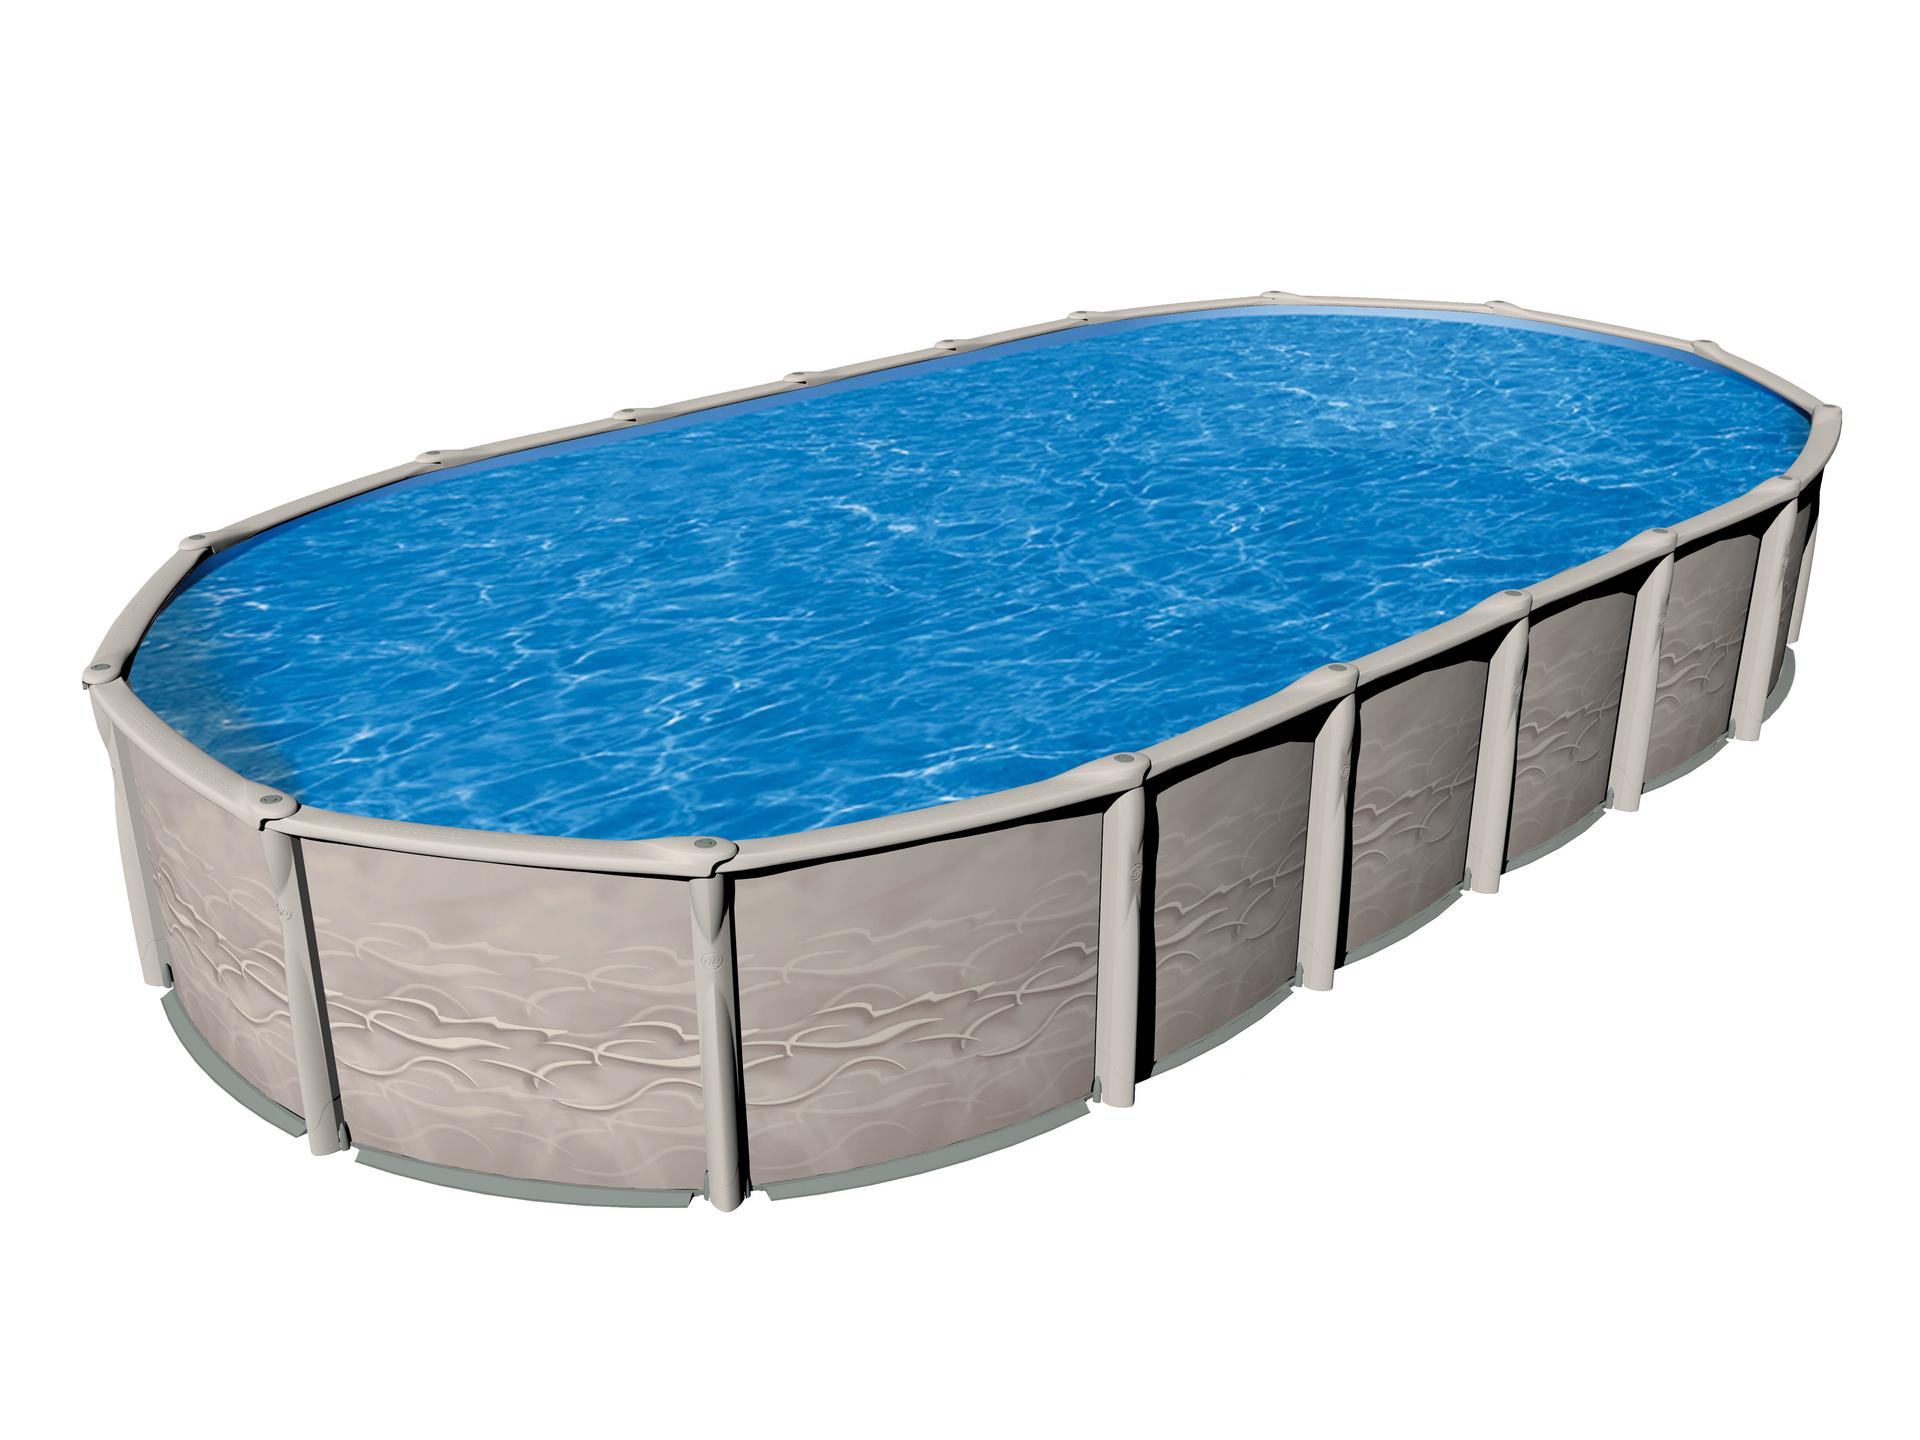 chauffage de piscine chauffage piscine with chauffage de piscine great chauffage piscine intex. Black Bedroom Furniture Sets. Home Design Ideas